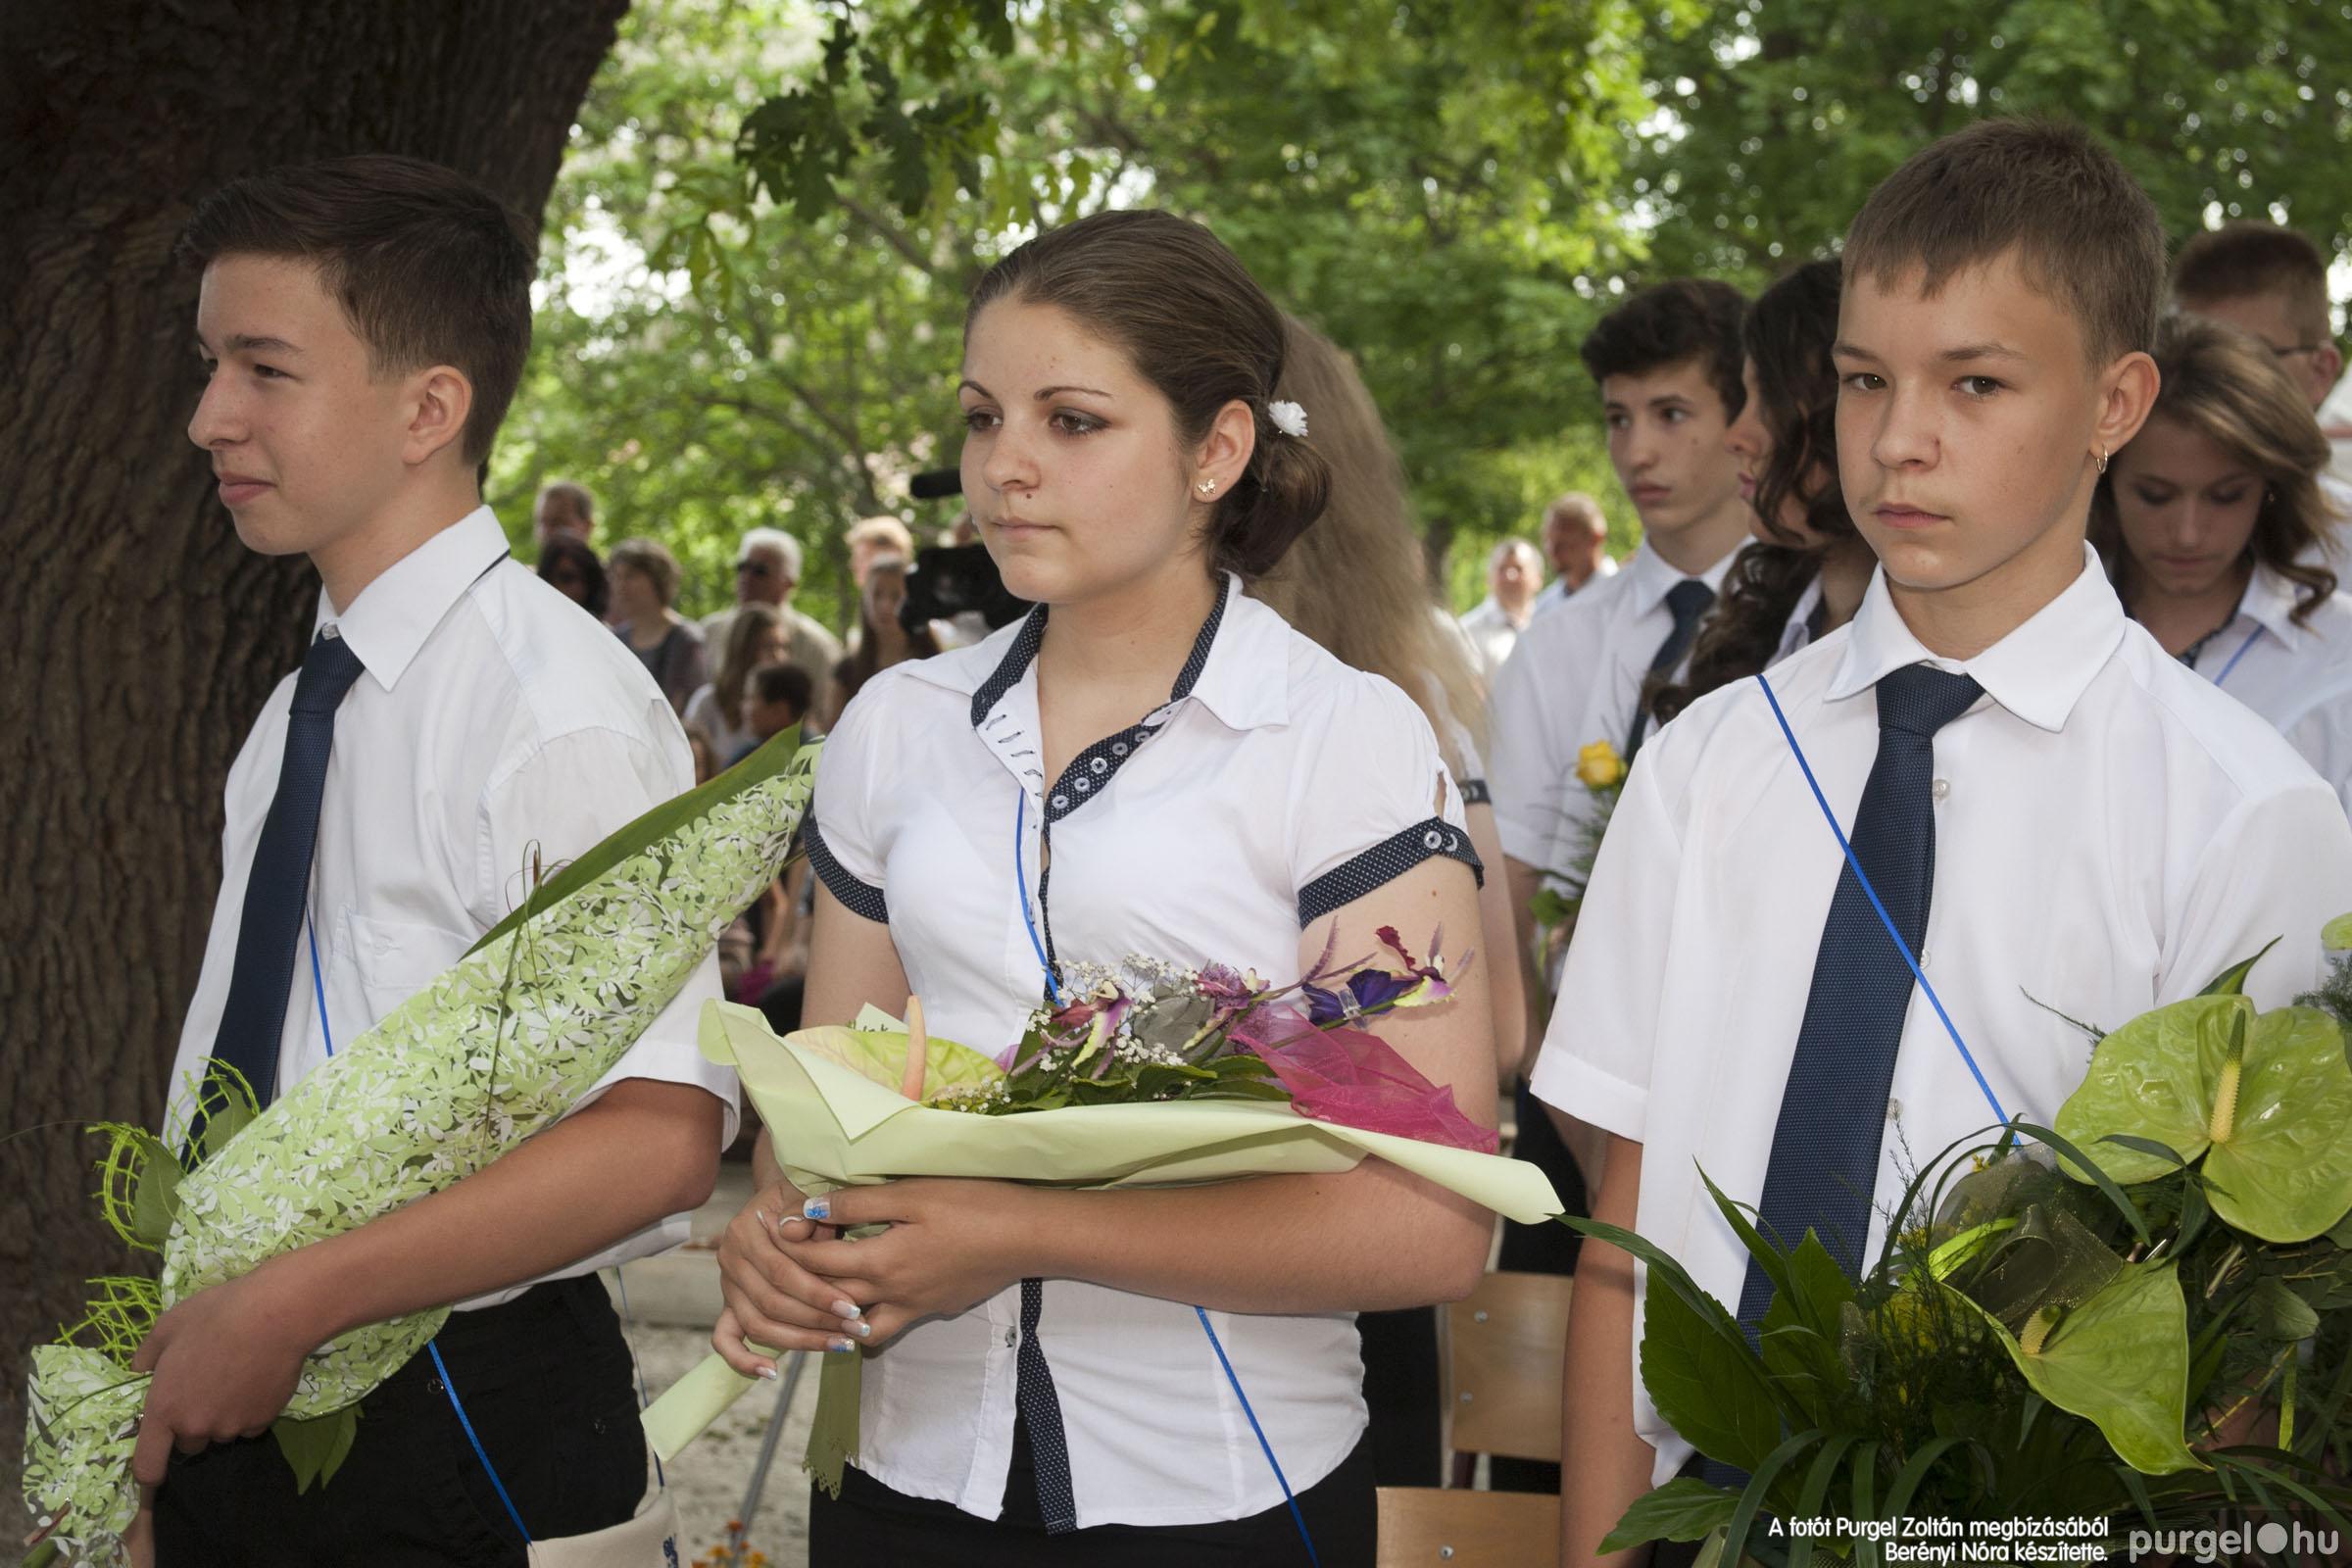 2014.06.14. 141 Forray Máté Általános Iskola ballagás 2014. - Fotó:BERÉNYI NÓRA© _MG_5746.jpg